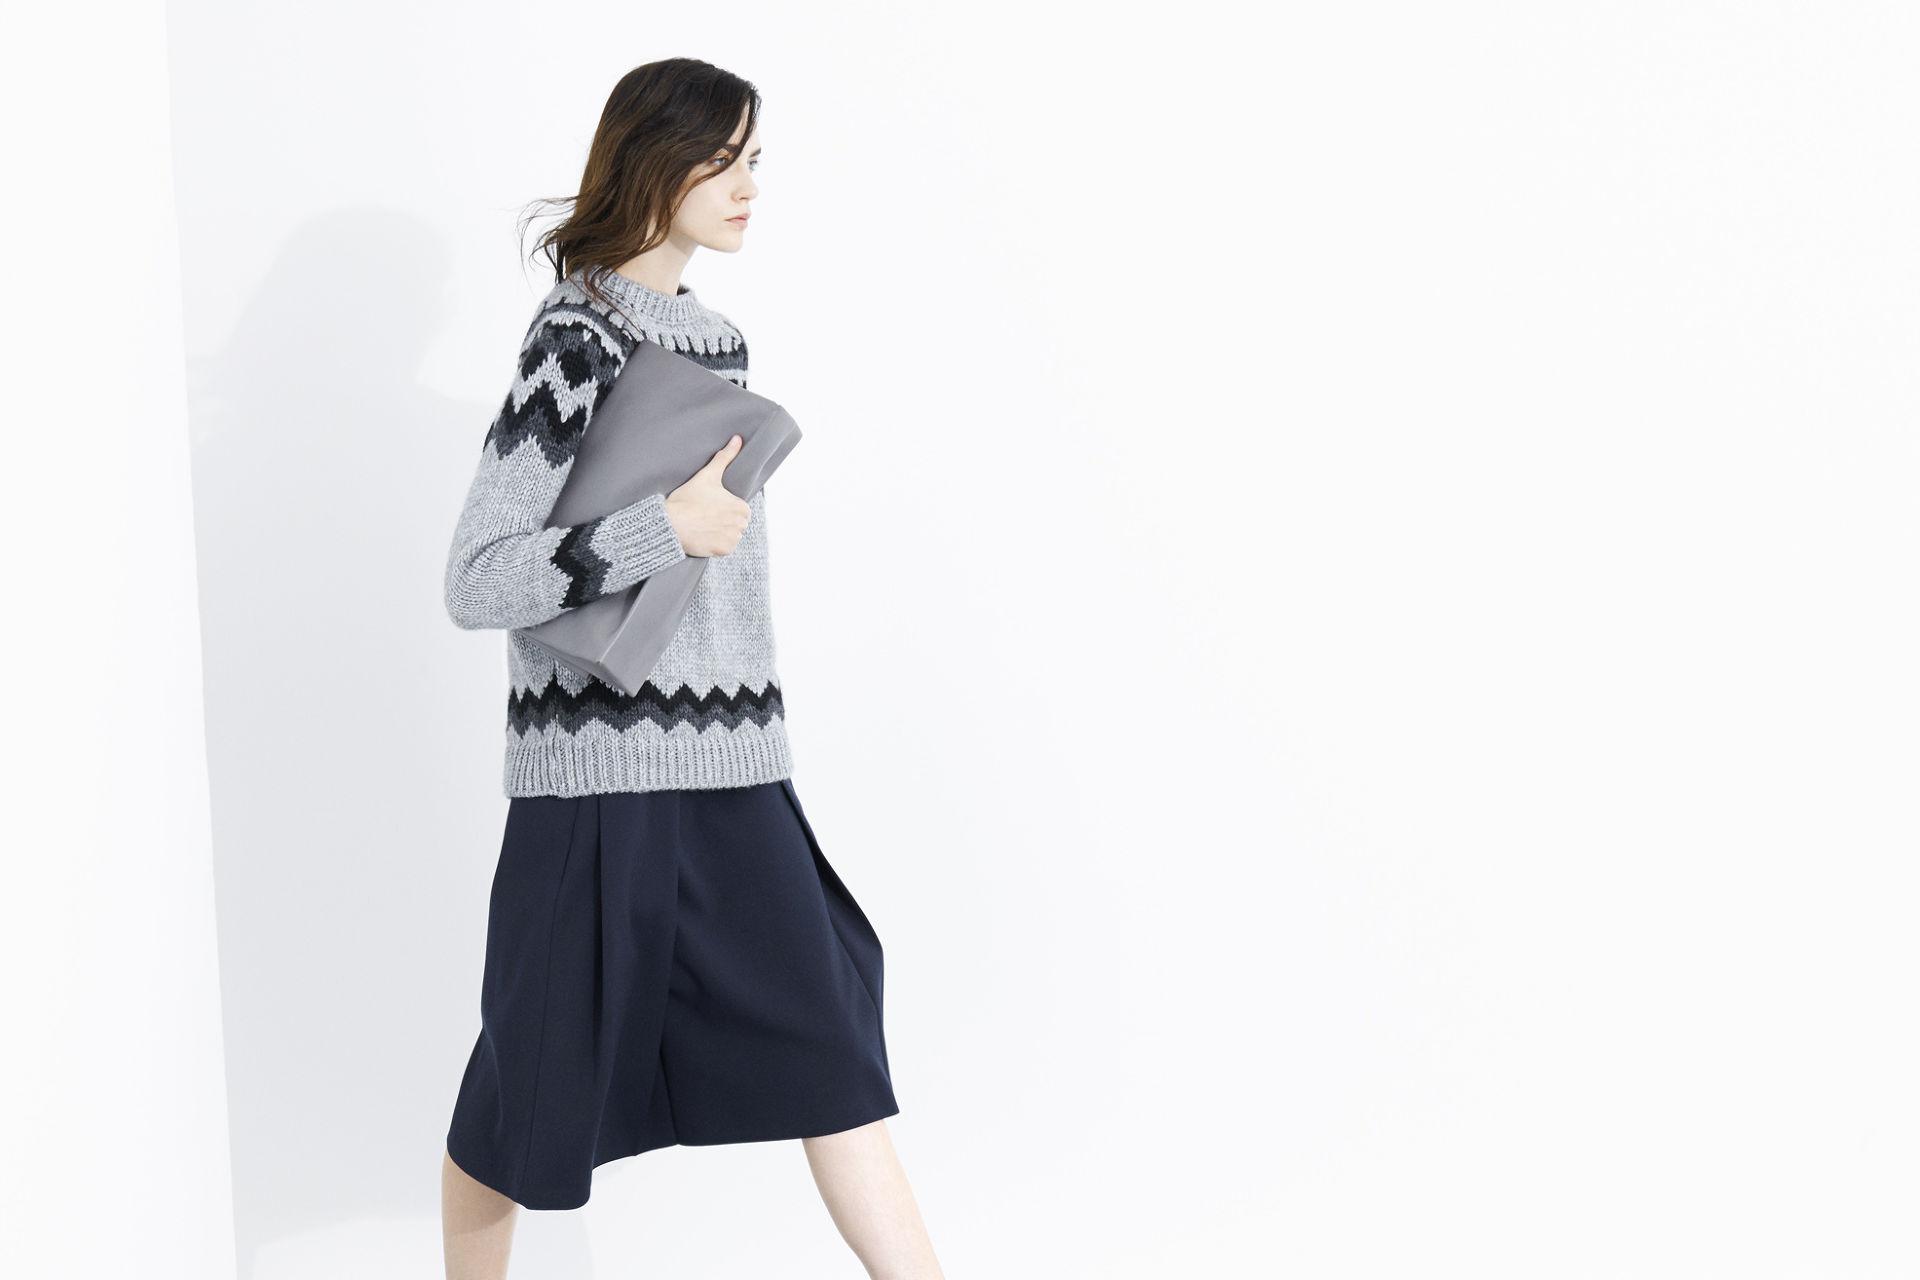 Топ 10 модных принтов в одежде сезона весна-лето 2014